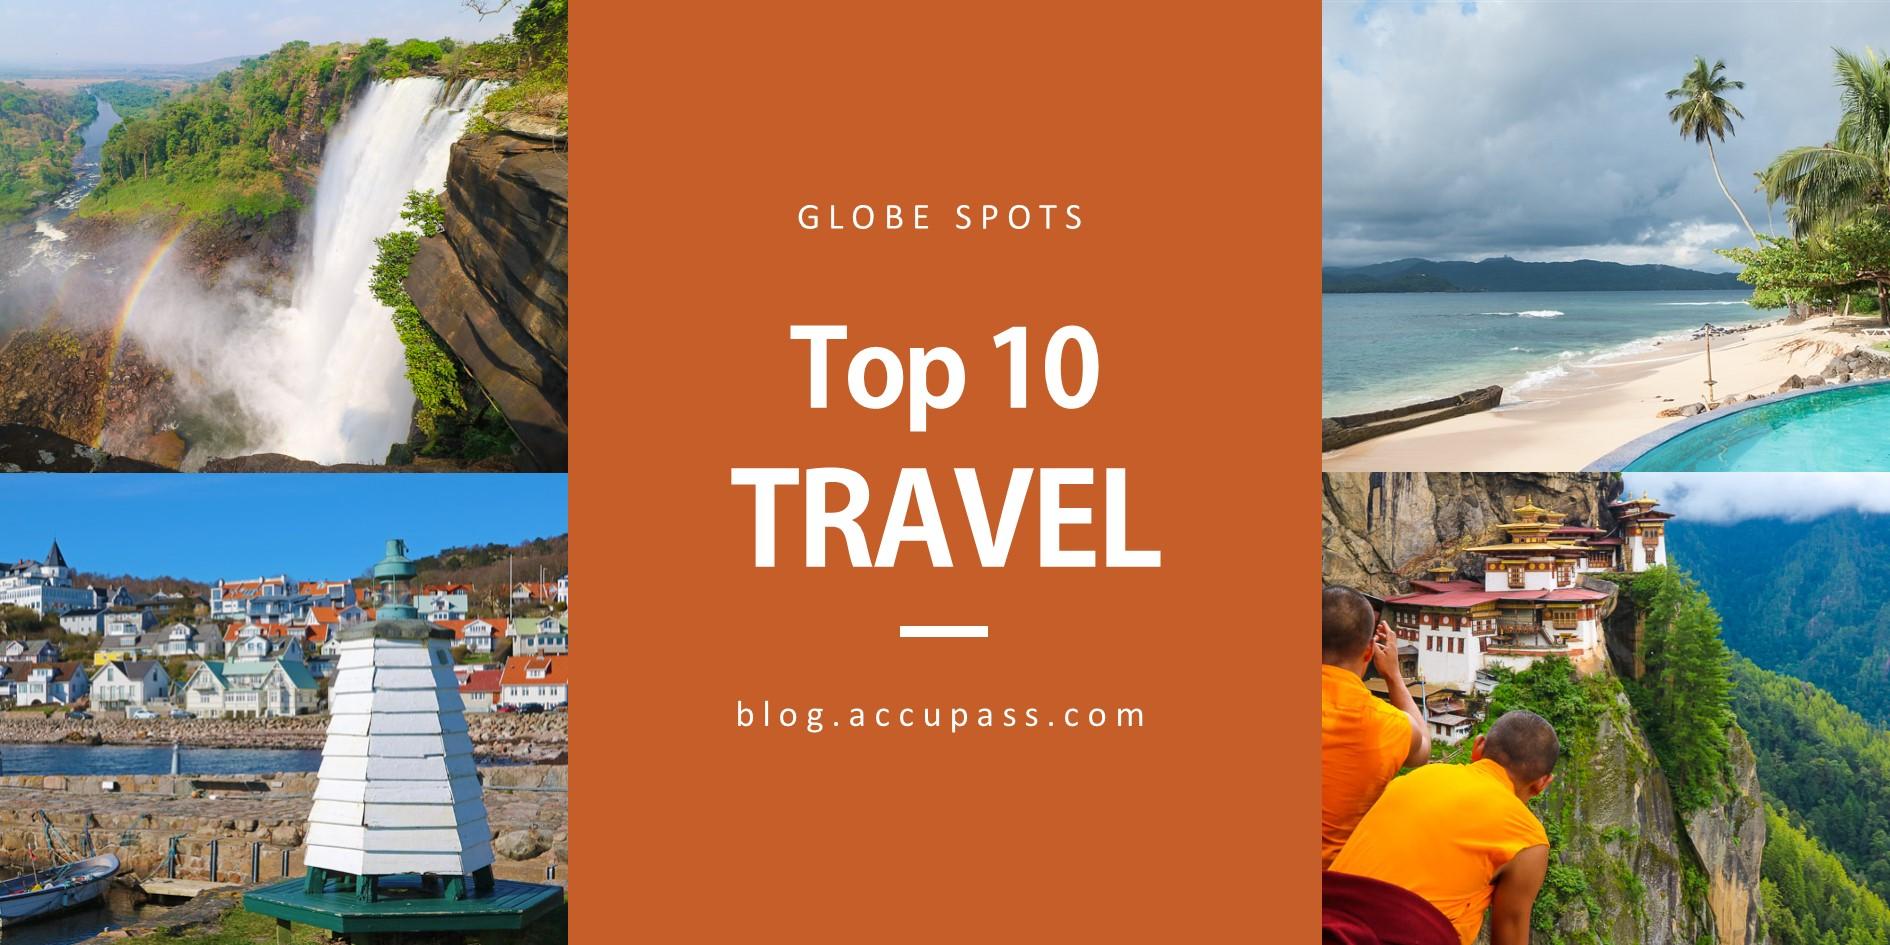 【2019 旅遊秘境】台灣入選!全球 10 大旅遊秘境,Globe Spots 推薦給你!